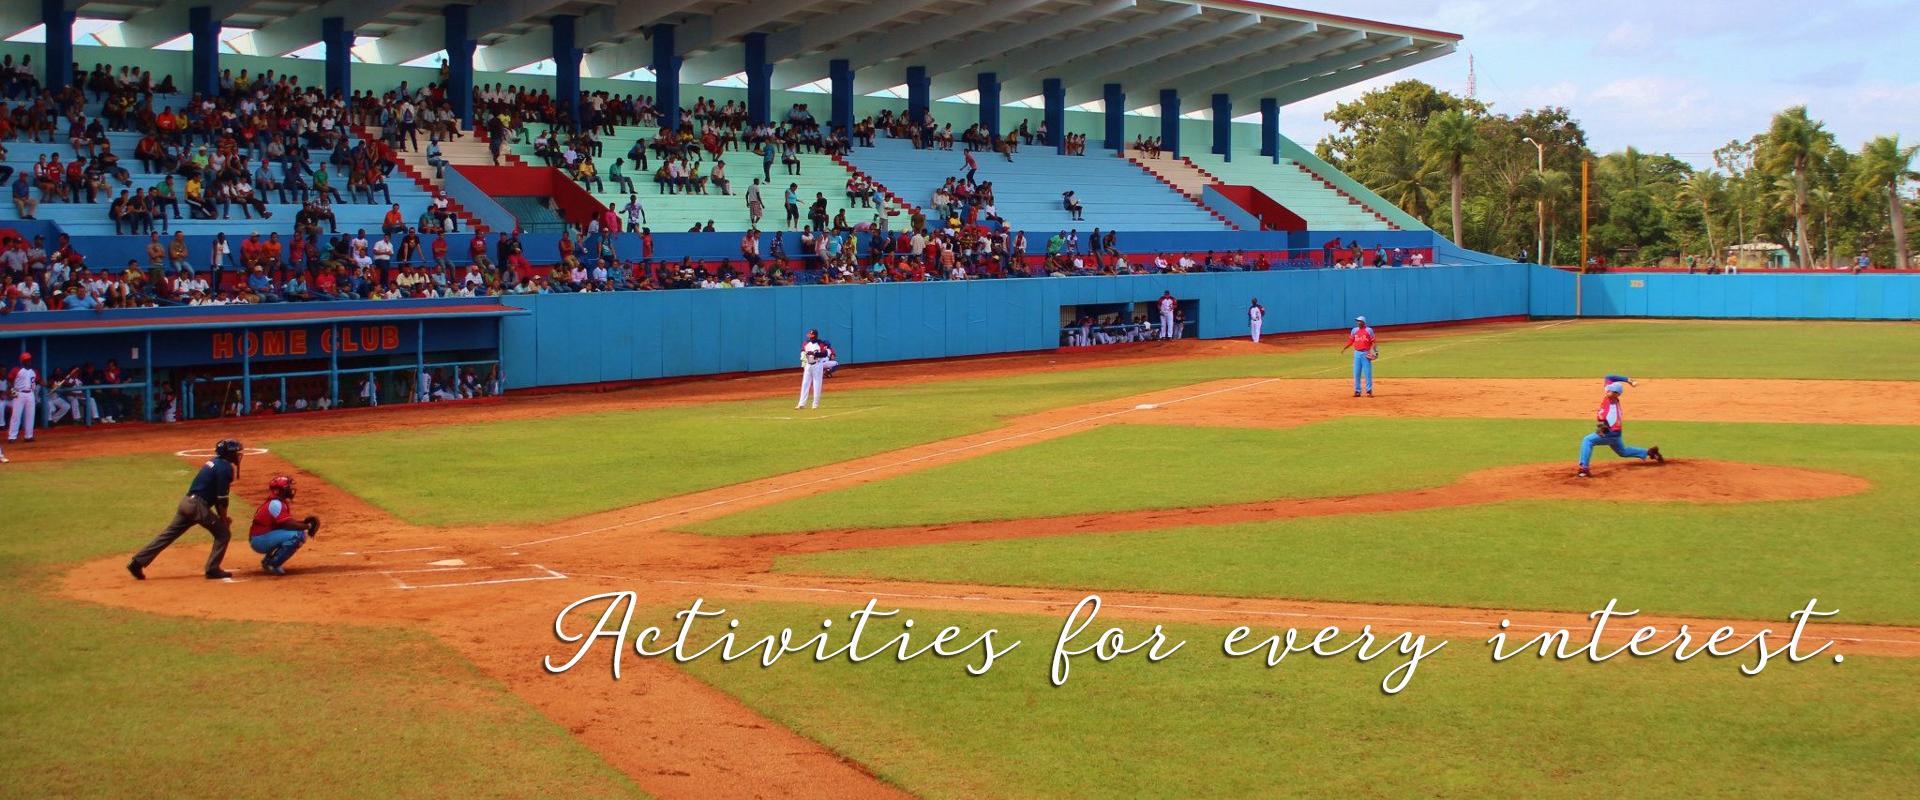 Activities-1